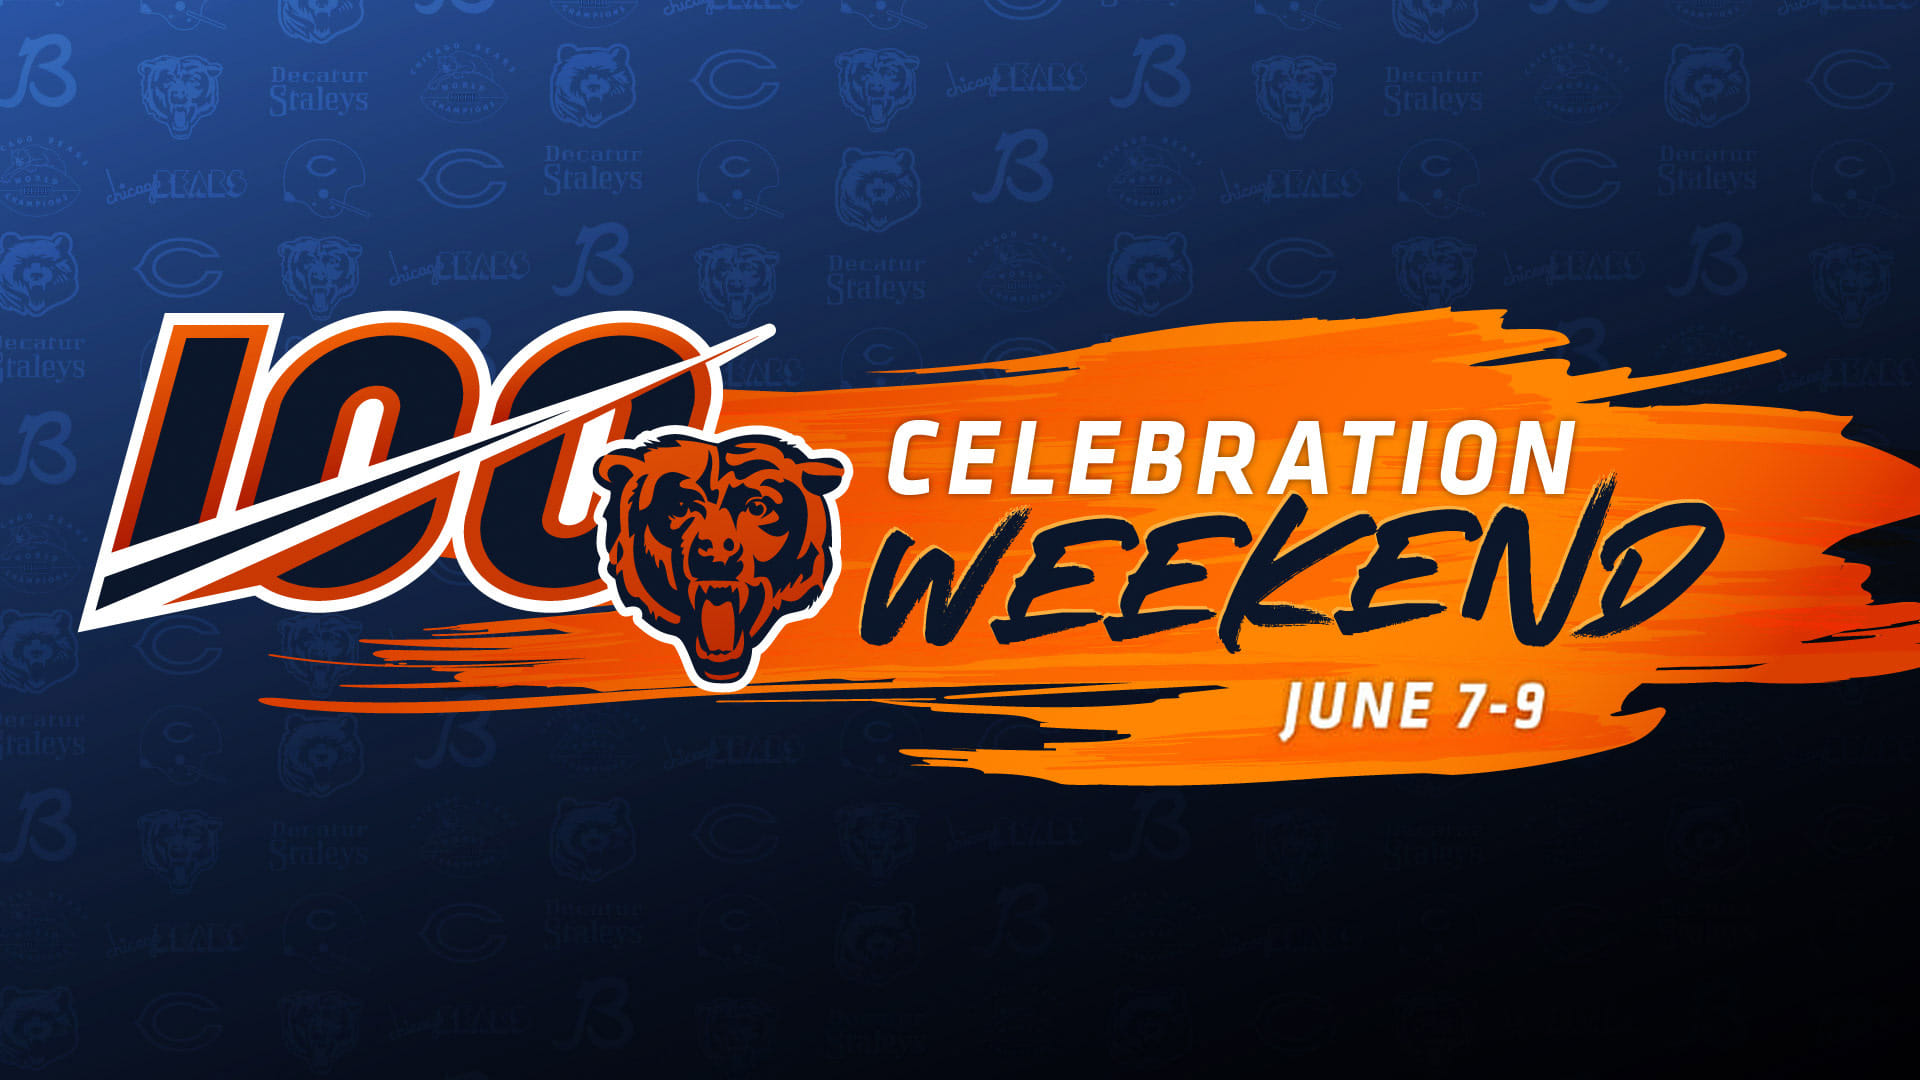 Bears100 Celebration Weekend, June 7-9